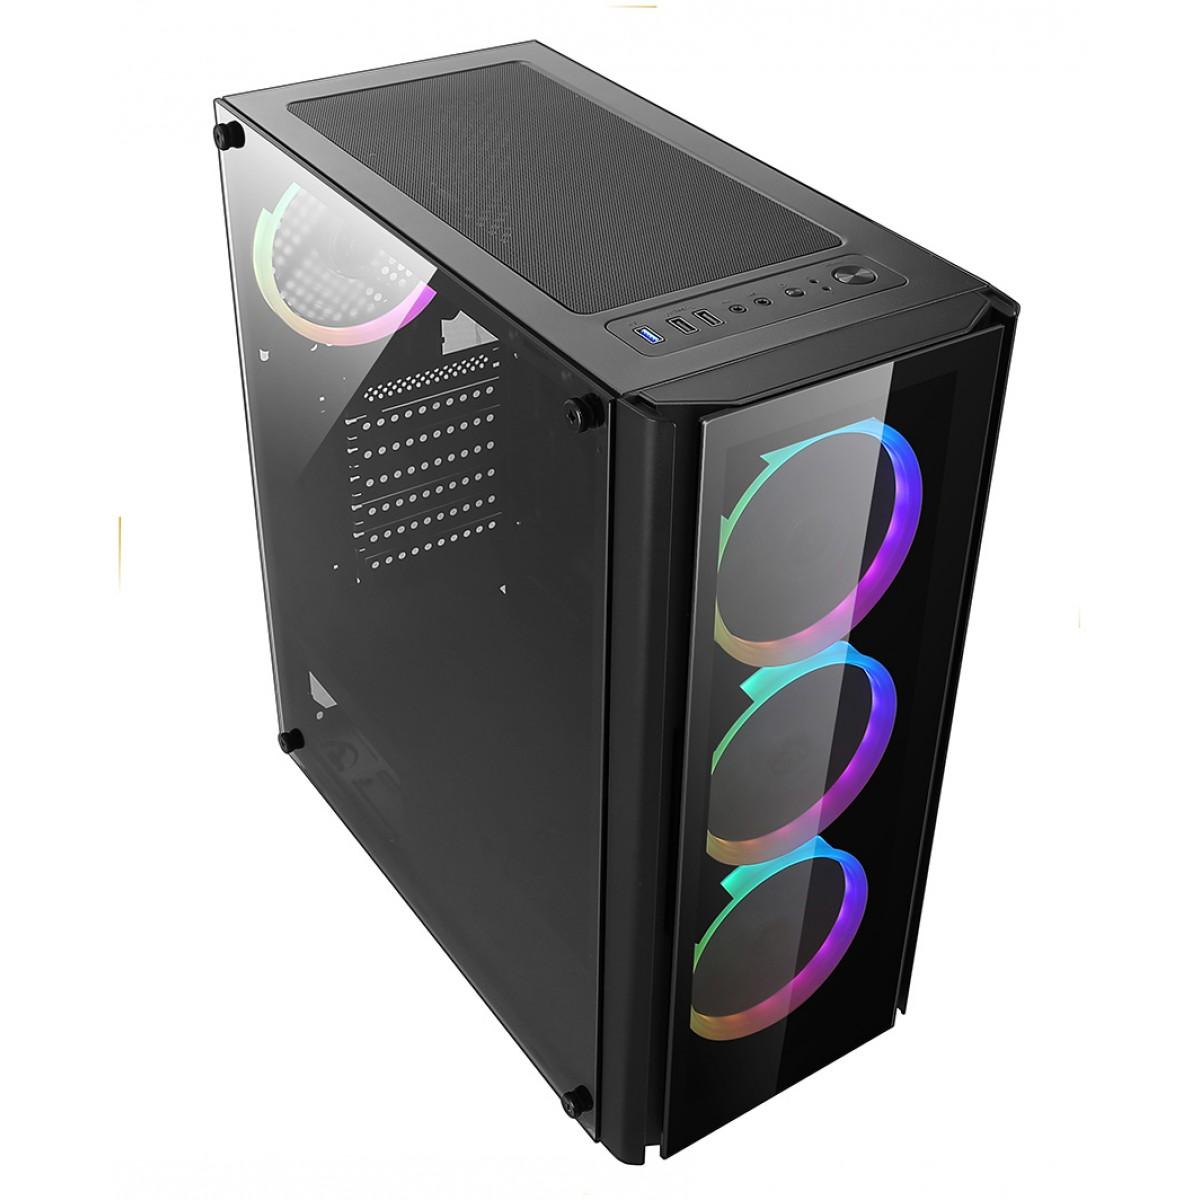 Gabinete Gamer liketec Streamer V2, RGB, Mid Tower, Com 6 Fans, Vidro Temperado, Black, S-Fonte